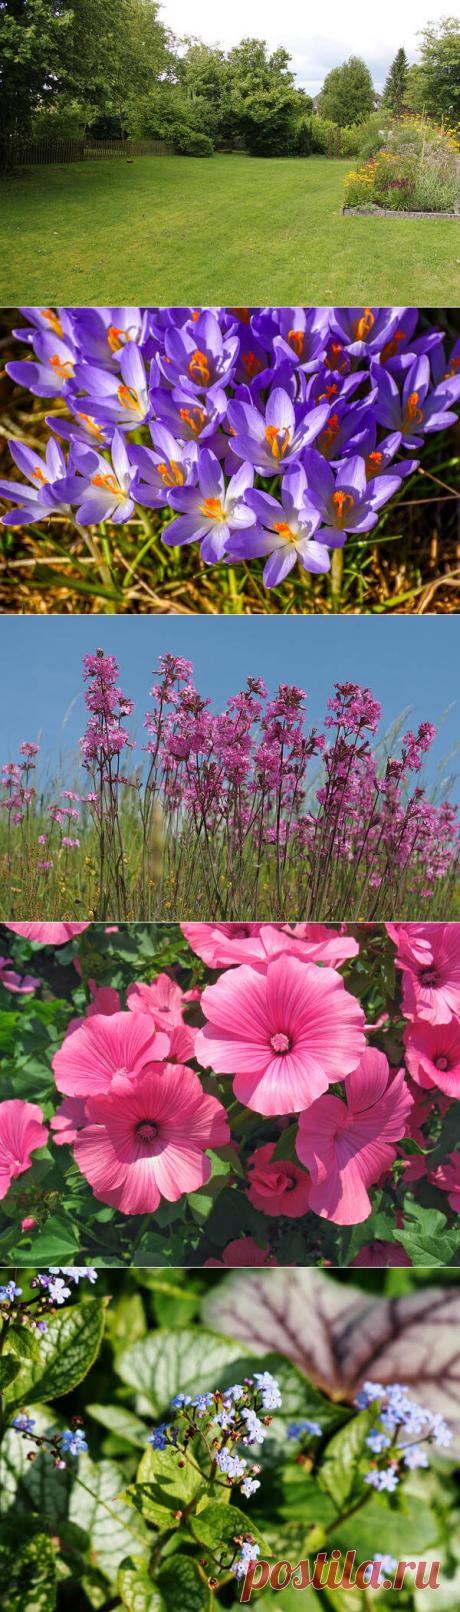 15 растений, которые можно посадить и забыть | В темпі життя